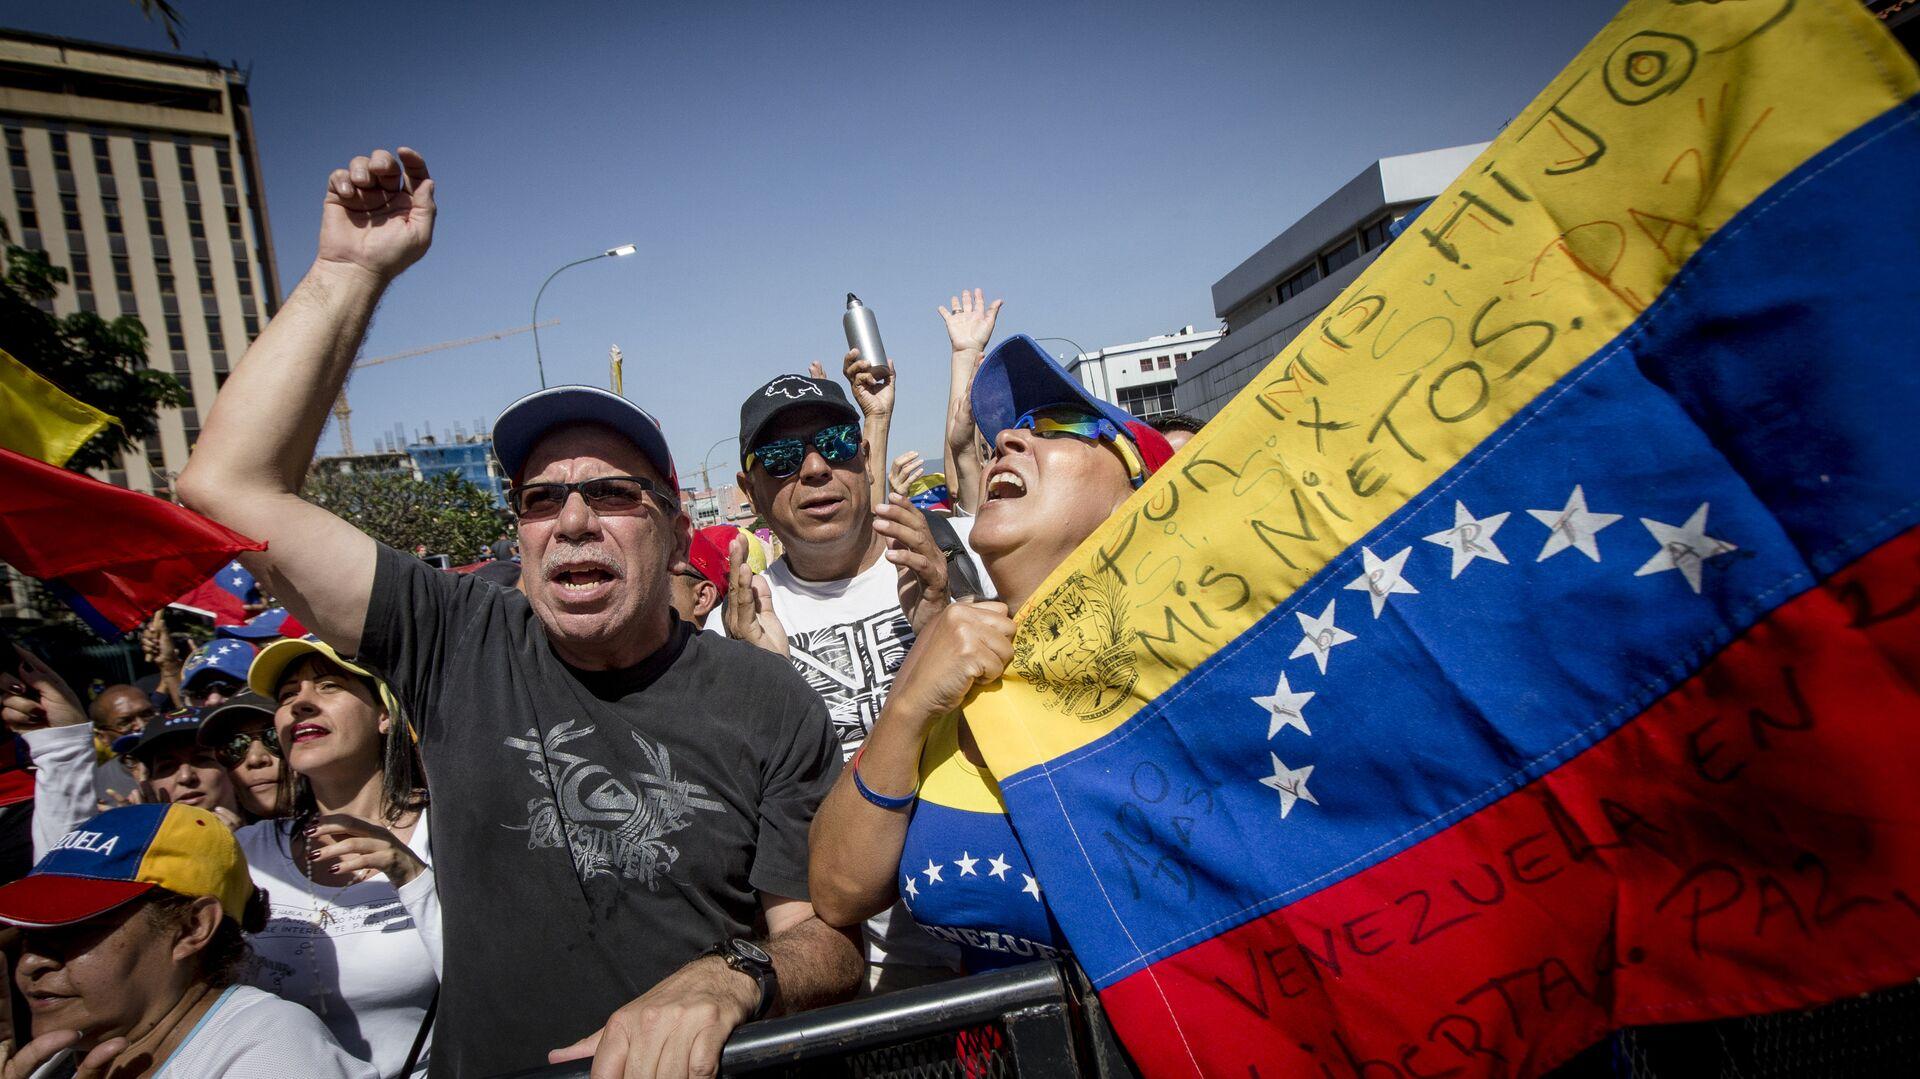 Las dos caras de Caracas: las manifestaciones con los partidarios de Maduro y Guaidó - Sputnik Mundo, 1920, 14.07.2021